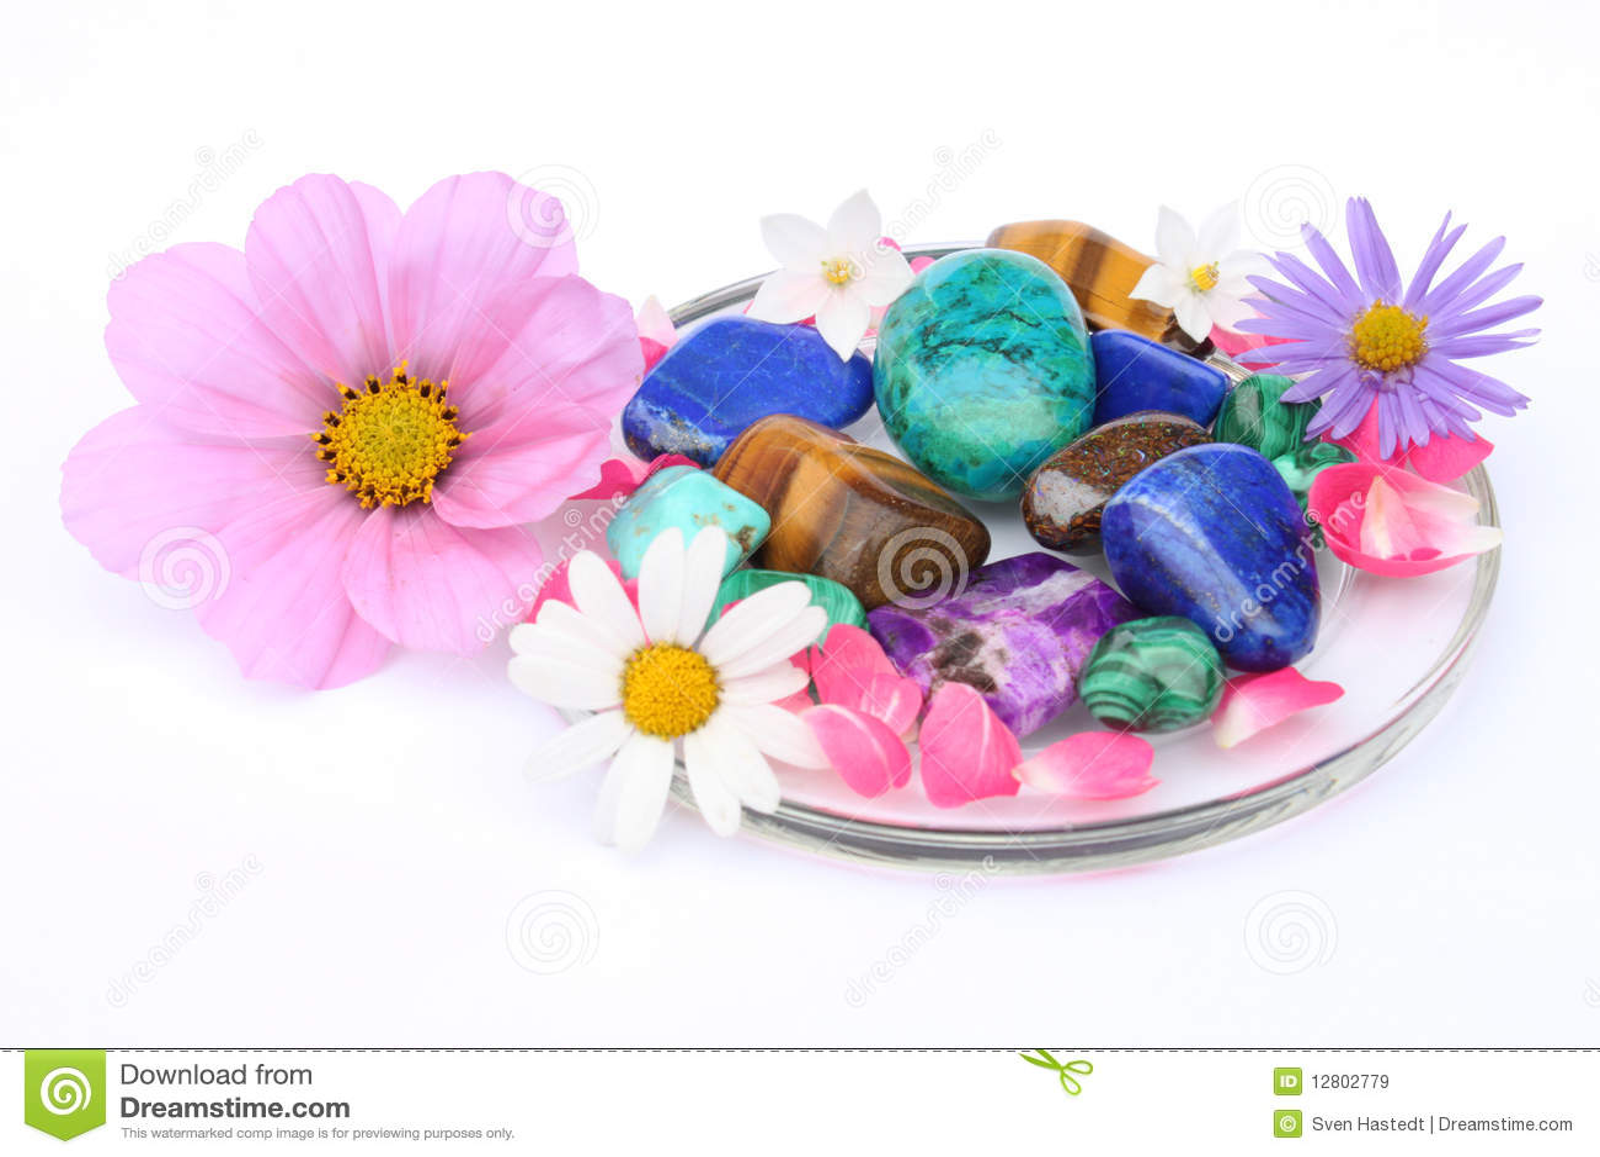 Цветы и драгоценные камни и